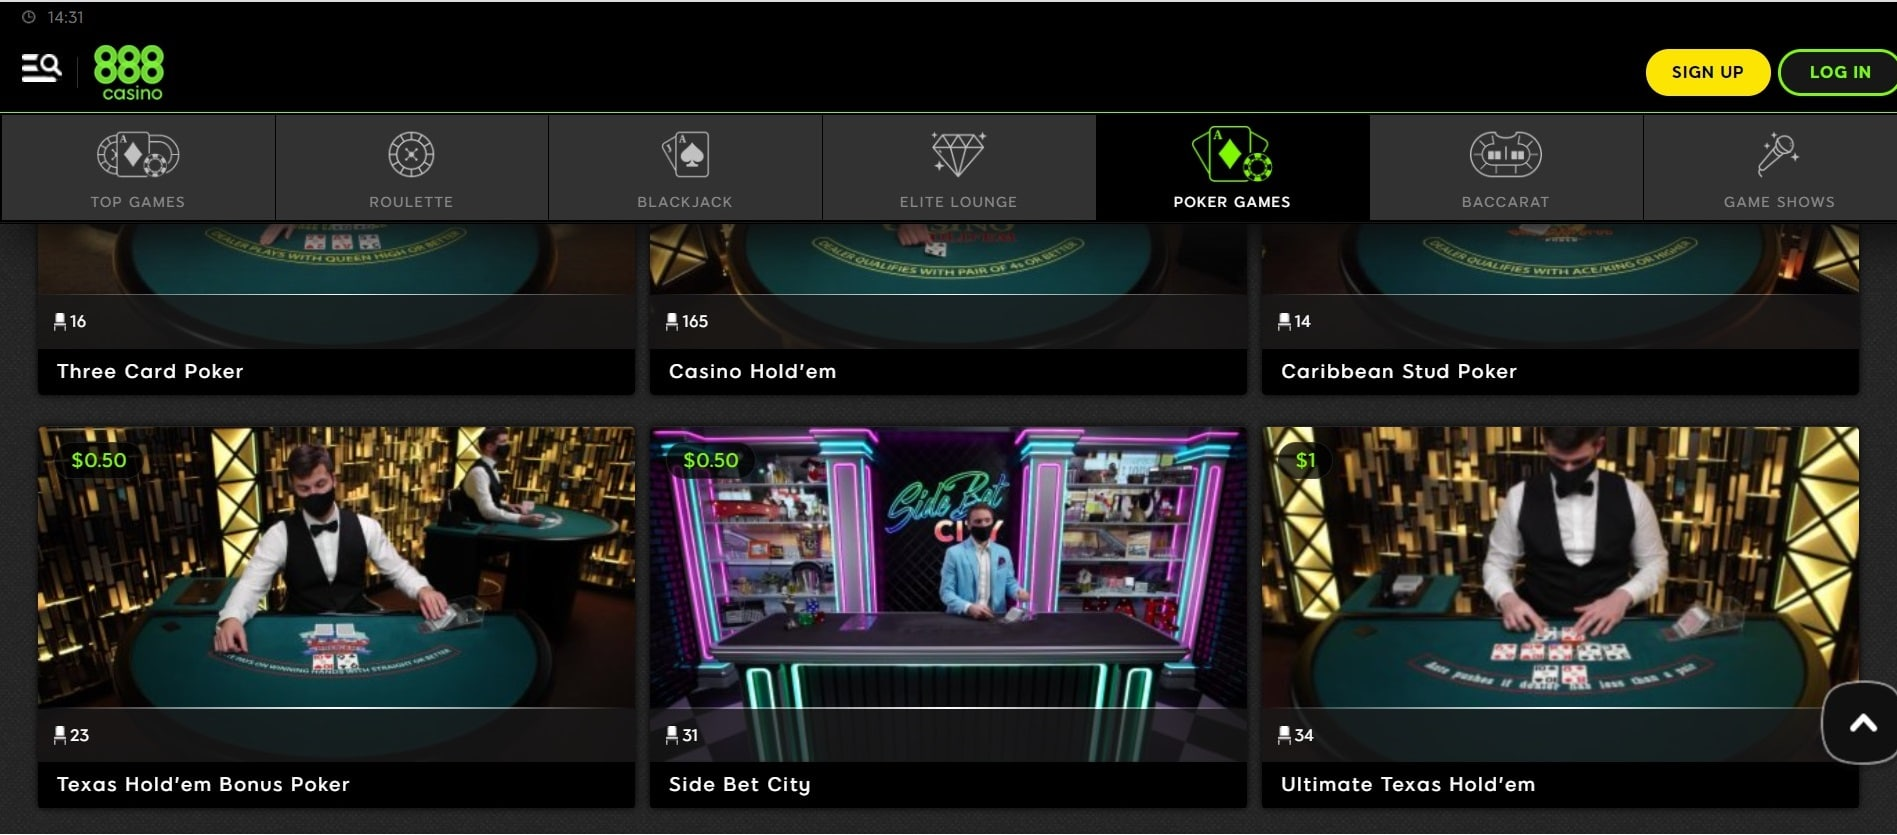 888-casino-games